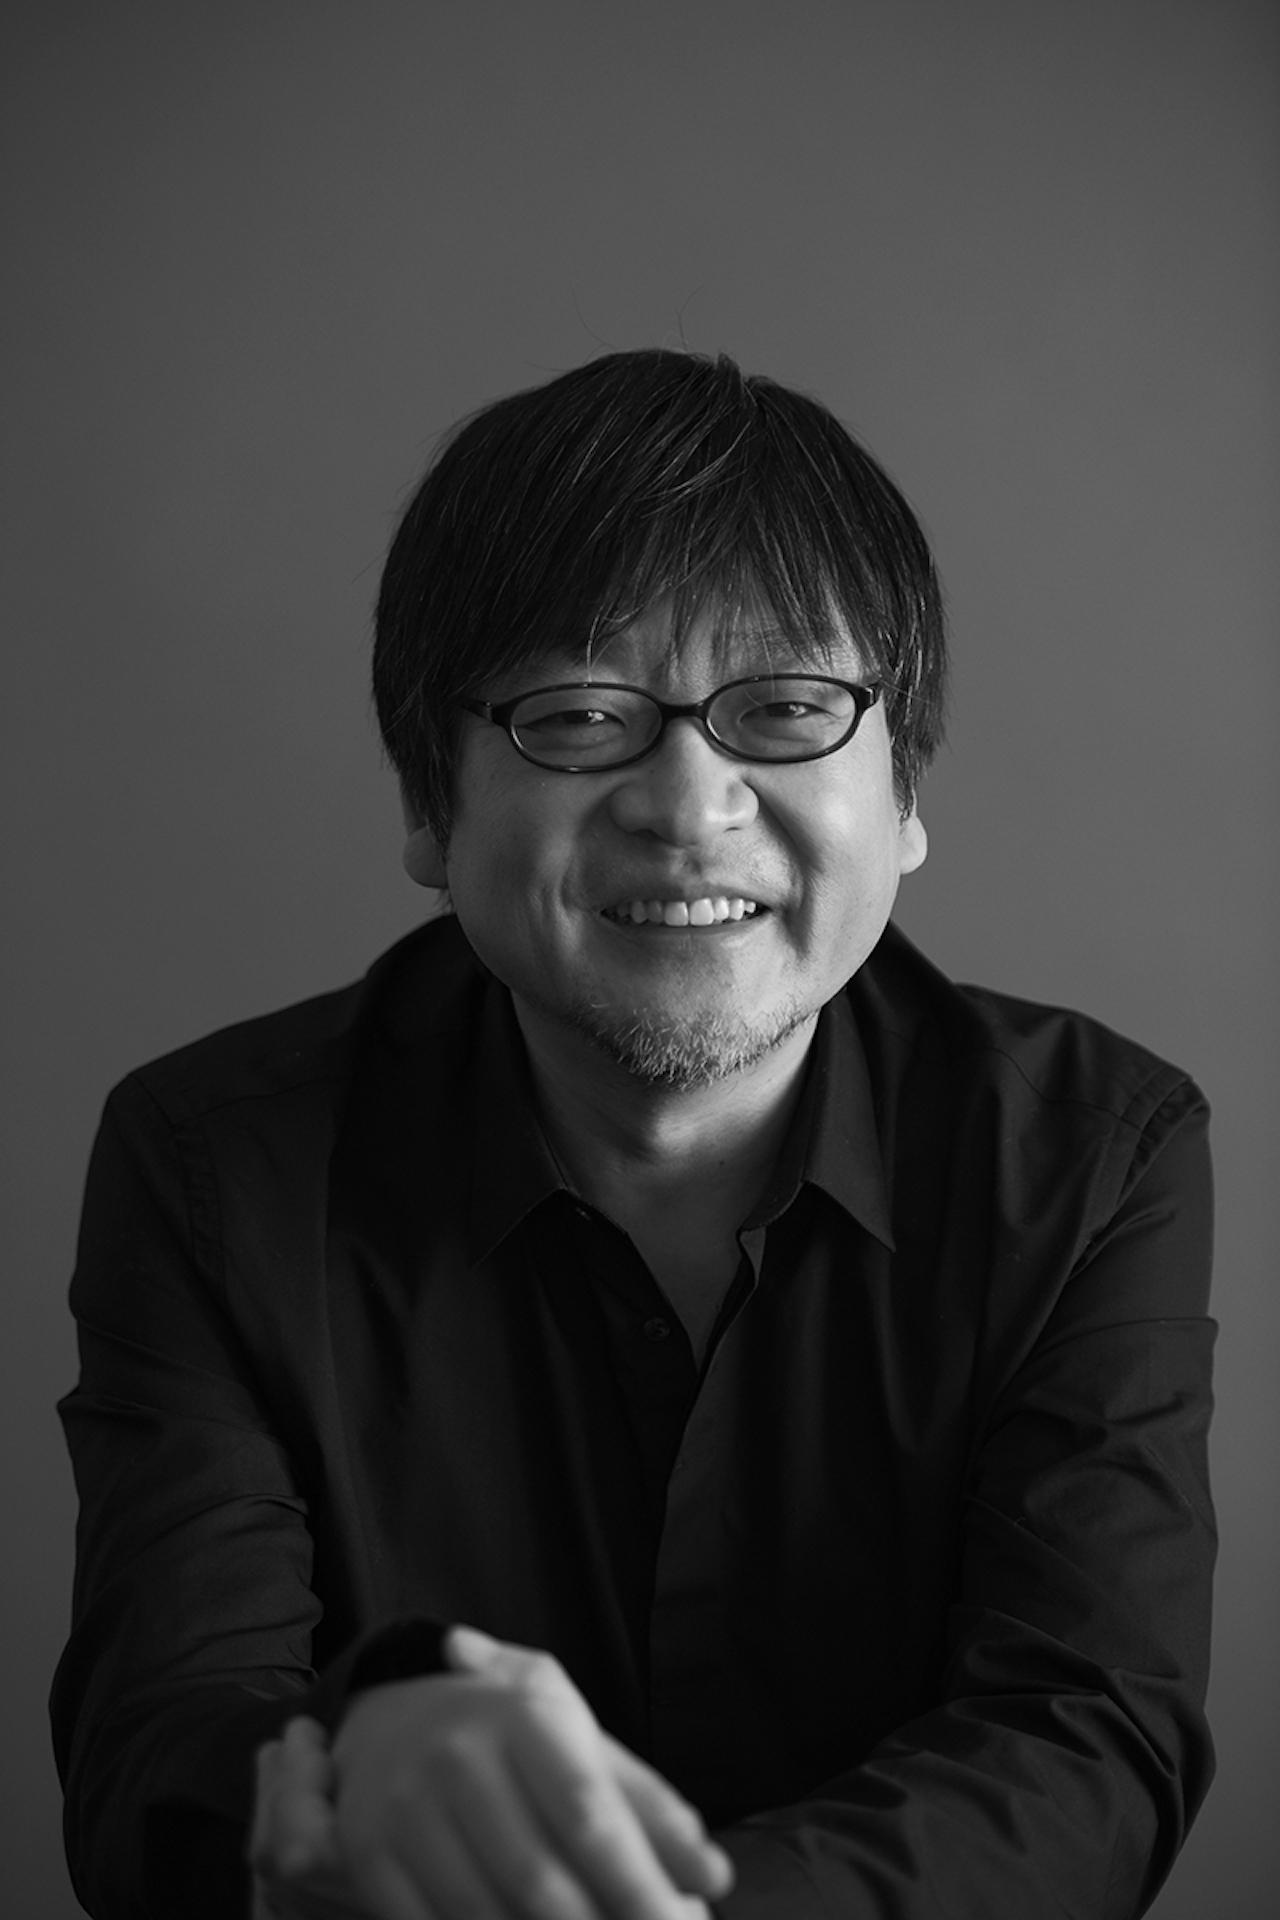 ミレニアム・パレード×中村佳穂×細田守によるコラボシングル「U」のアートワークが解禁|CDパッケージも発売決定